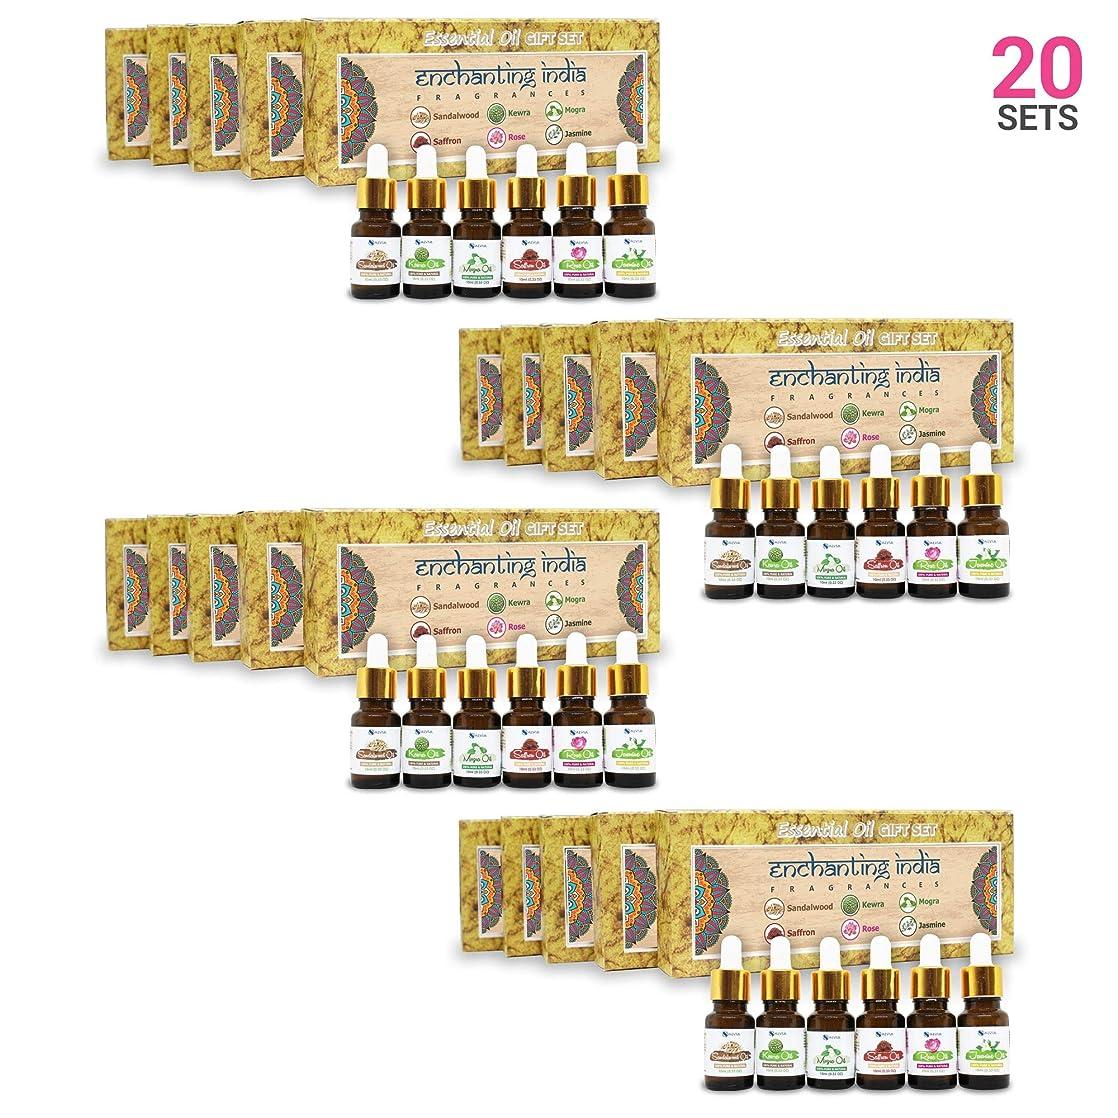 出席するテキスト磨かれたAromatherapy Fragrance Oils (Set of 20) - 100% Pure & Natural Therapeutic Essential Oils, 10ml each (Sandalwood, Rose, Saffron, Kewra, Mogra, Jasmine) Express Shipping